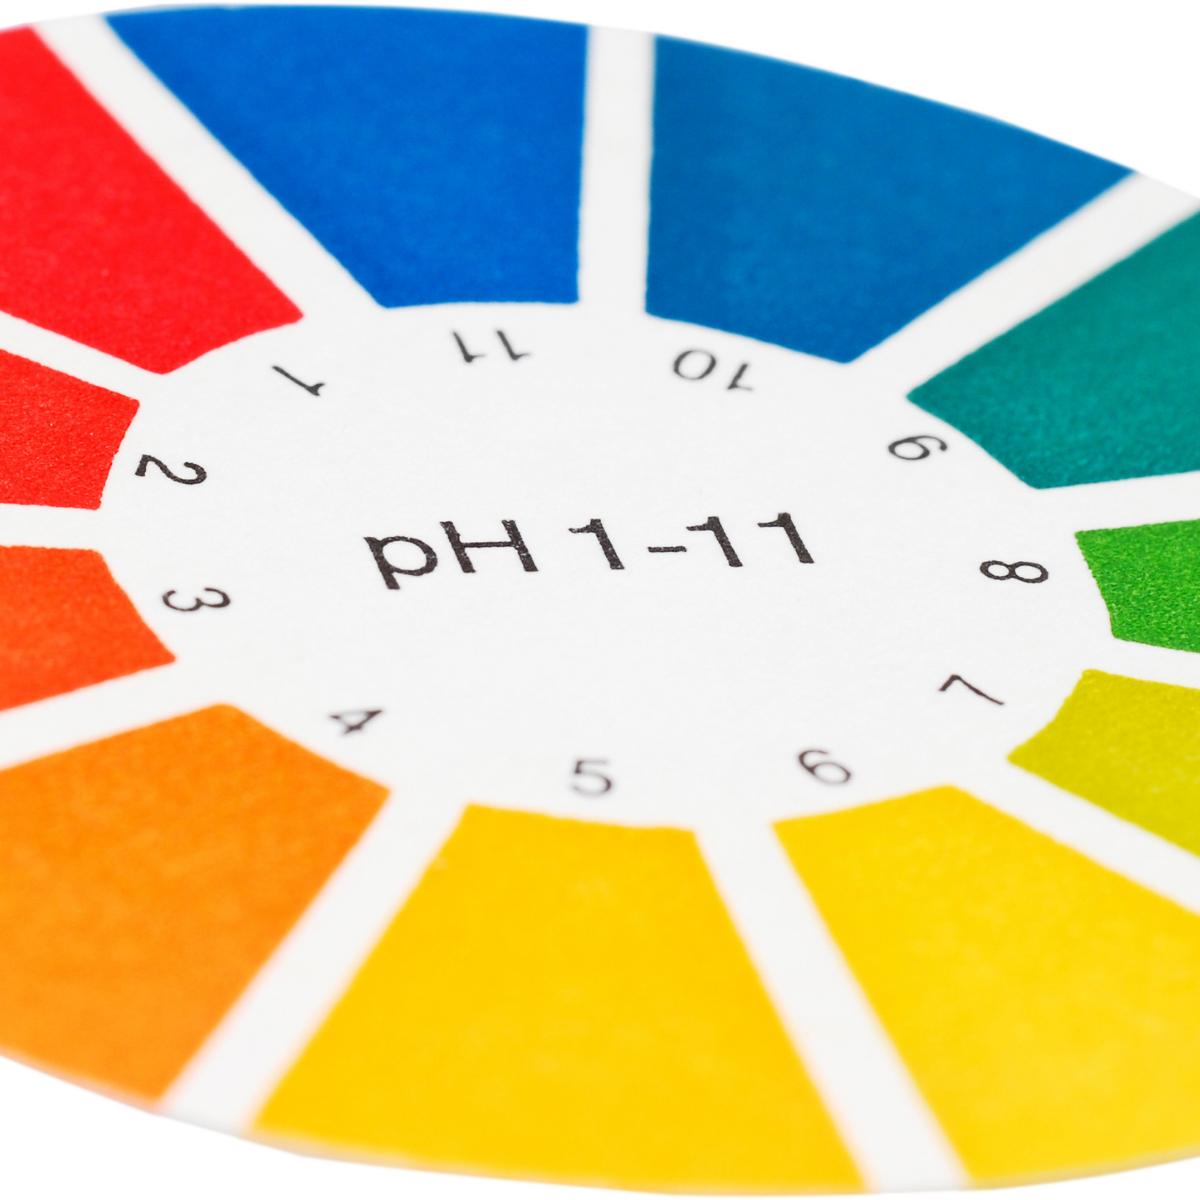 Sýrustig líkamans / pH gildi